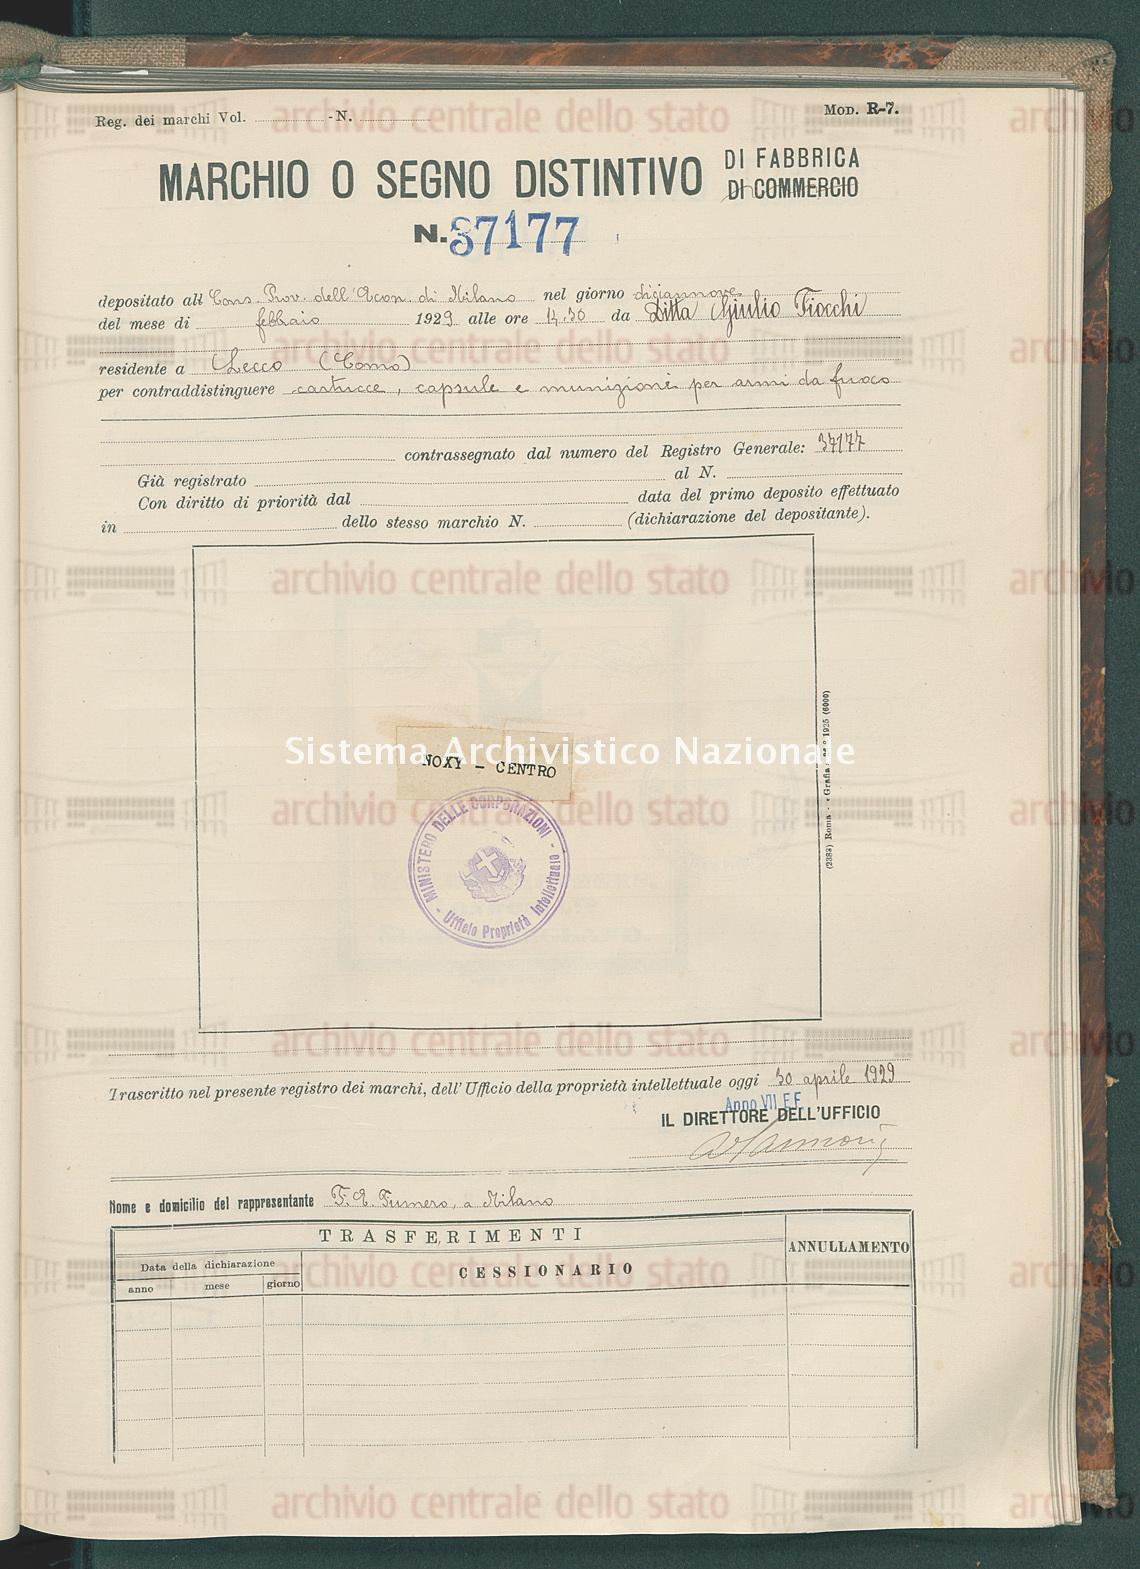 Cartucce, capsule e munizioni per armi da fuoco Ditta Giulio Fiocchi (30/04/1929)